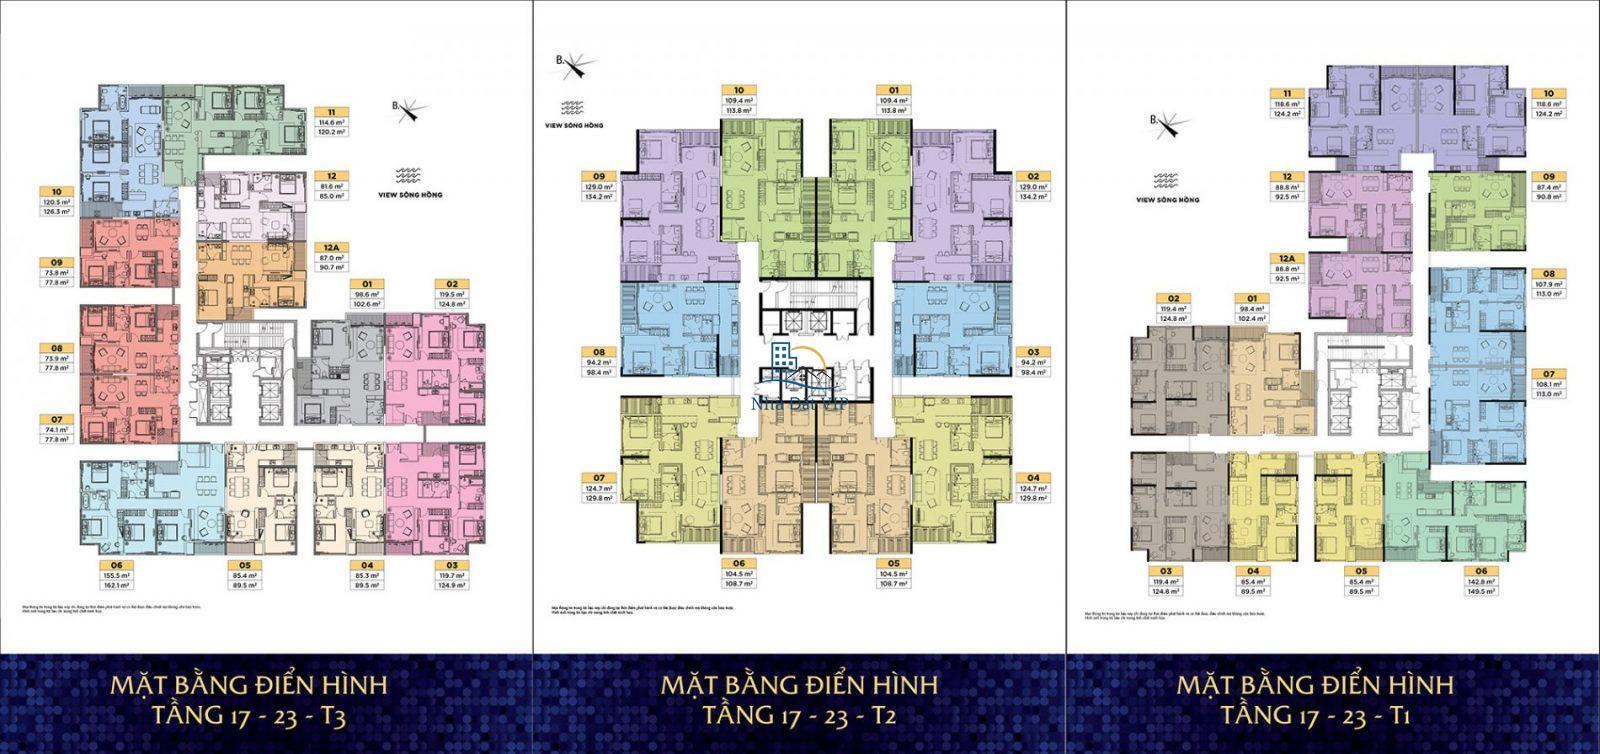 Mb_Gap-3-02-2